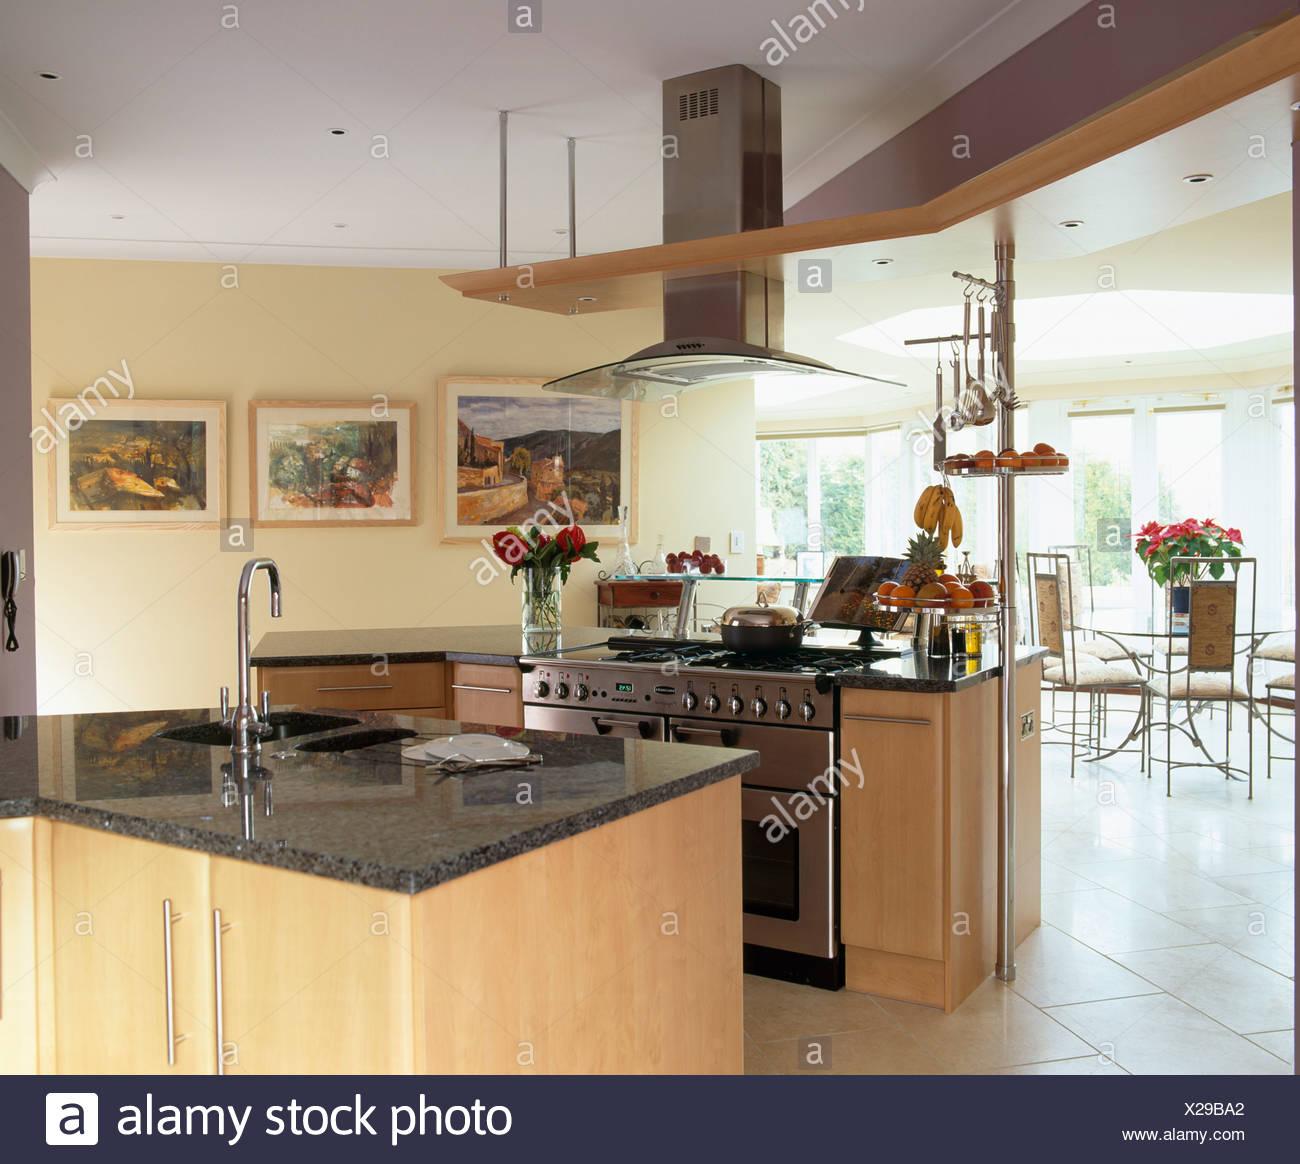 Ausgezeichnet Granit Kücheninsel Mit Sitz Ideen - Küchen Design ...